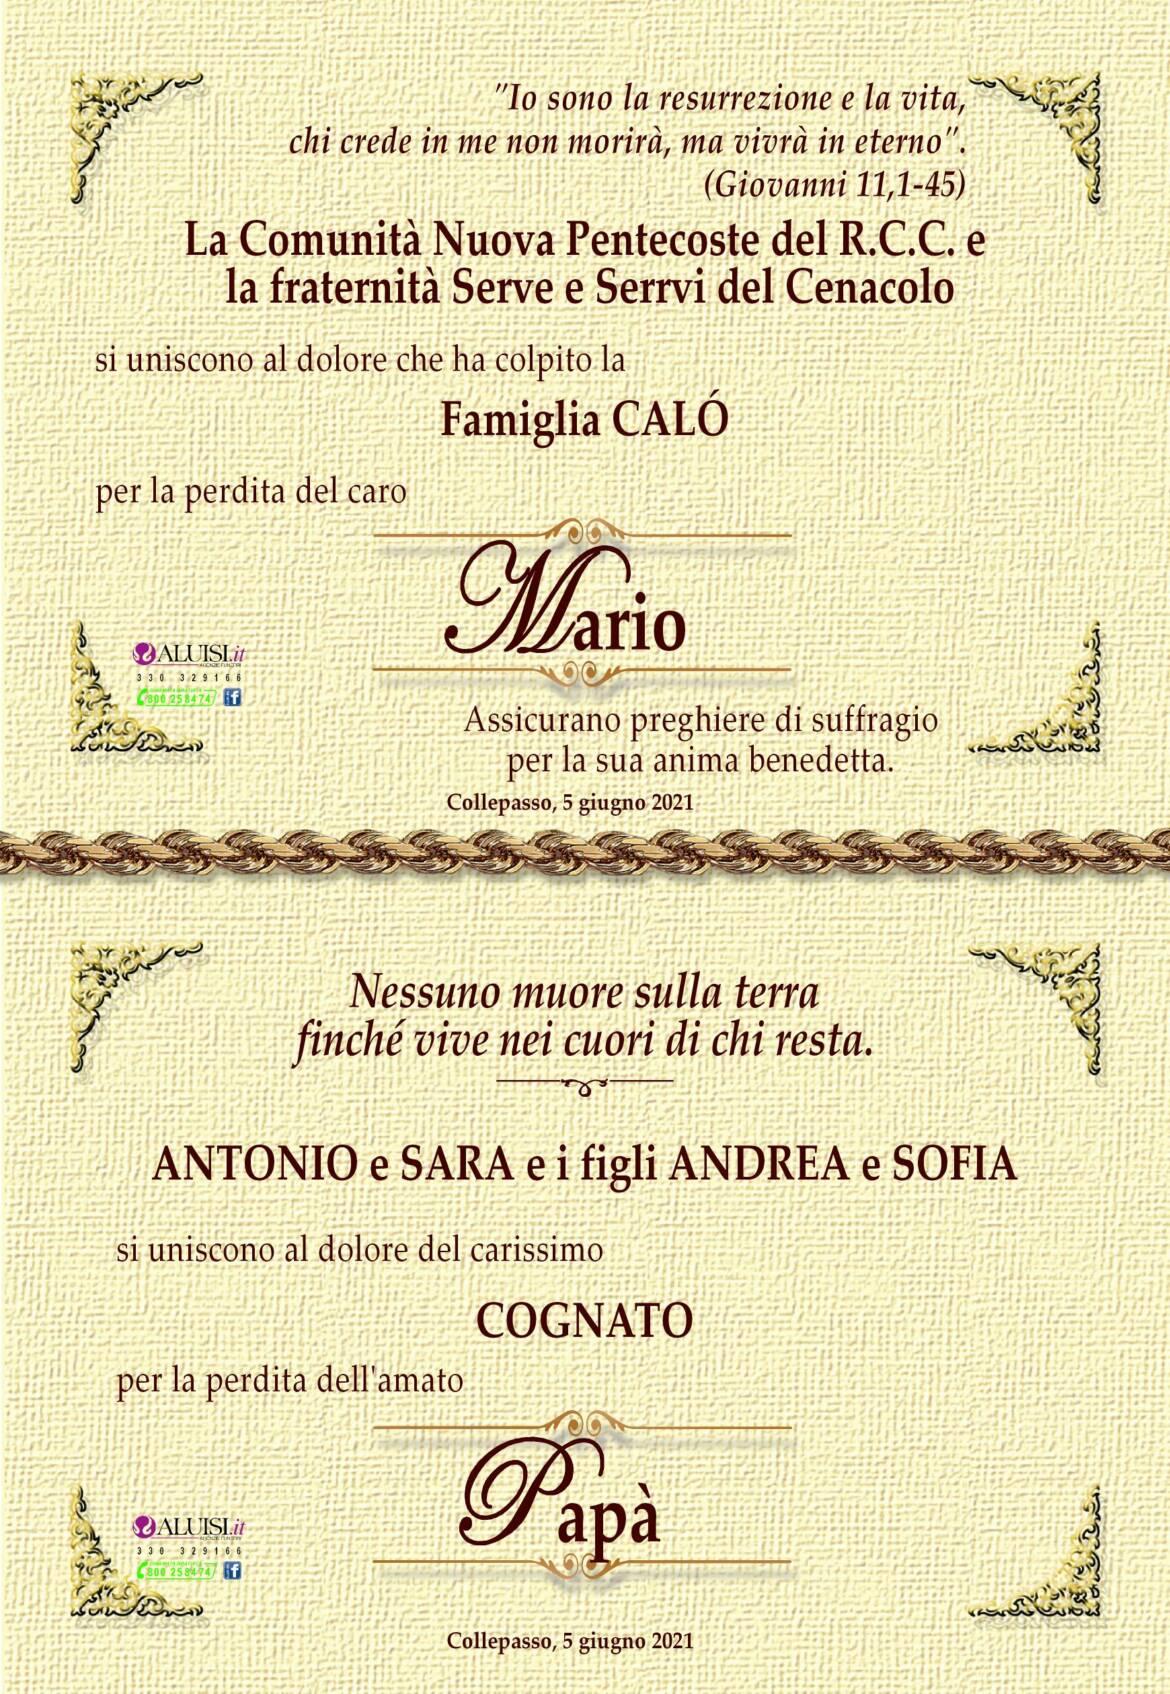 PARTECIPAZIONE-MARIO-CALo-COLLEPASSO-8-1.jpg